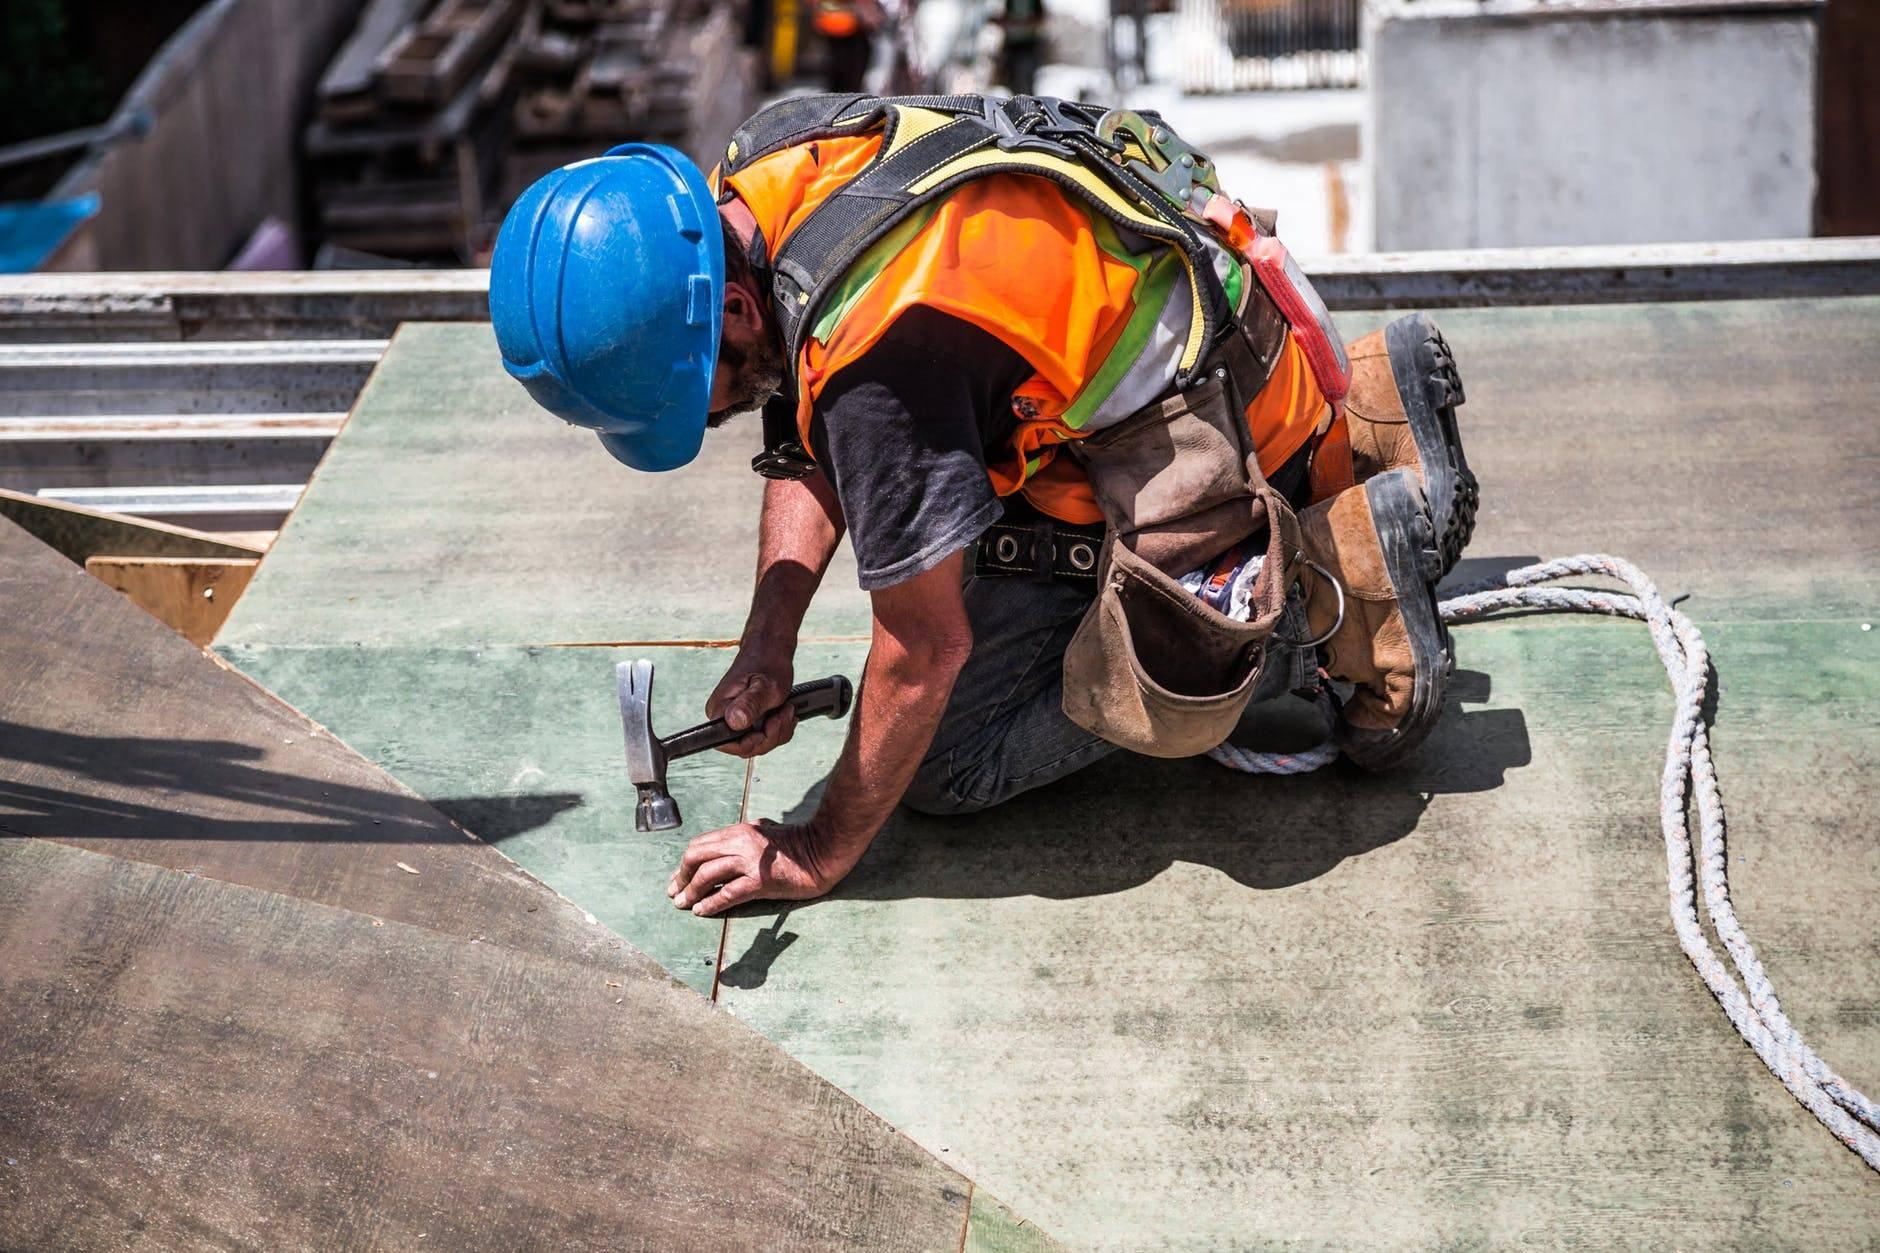 Kutatás: Nem csak a fizetés a fontos a kékgallérosok számára